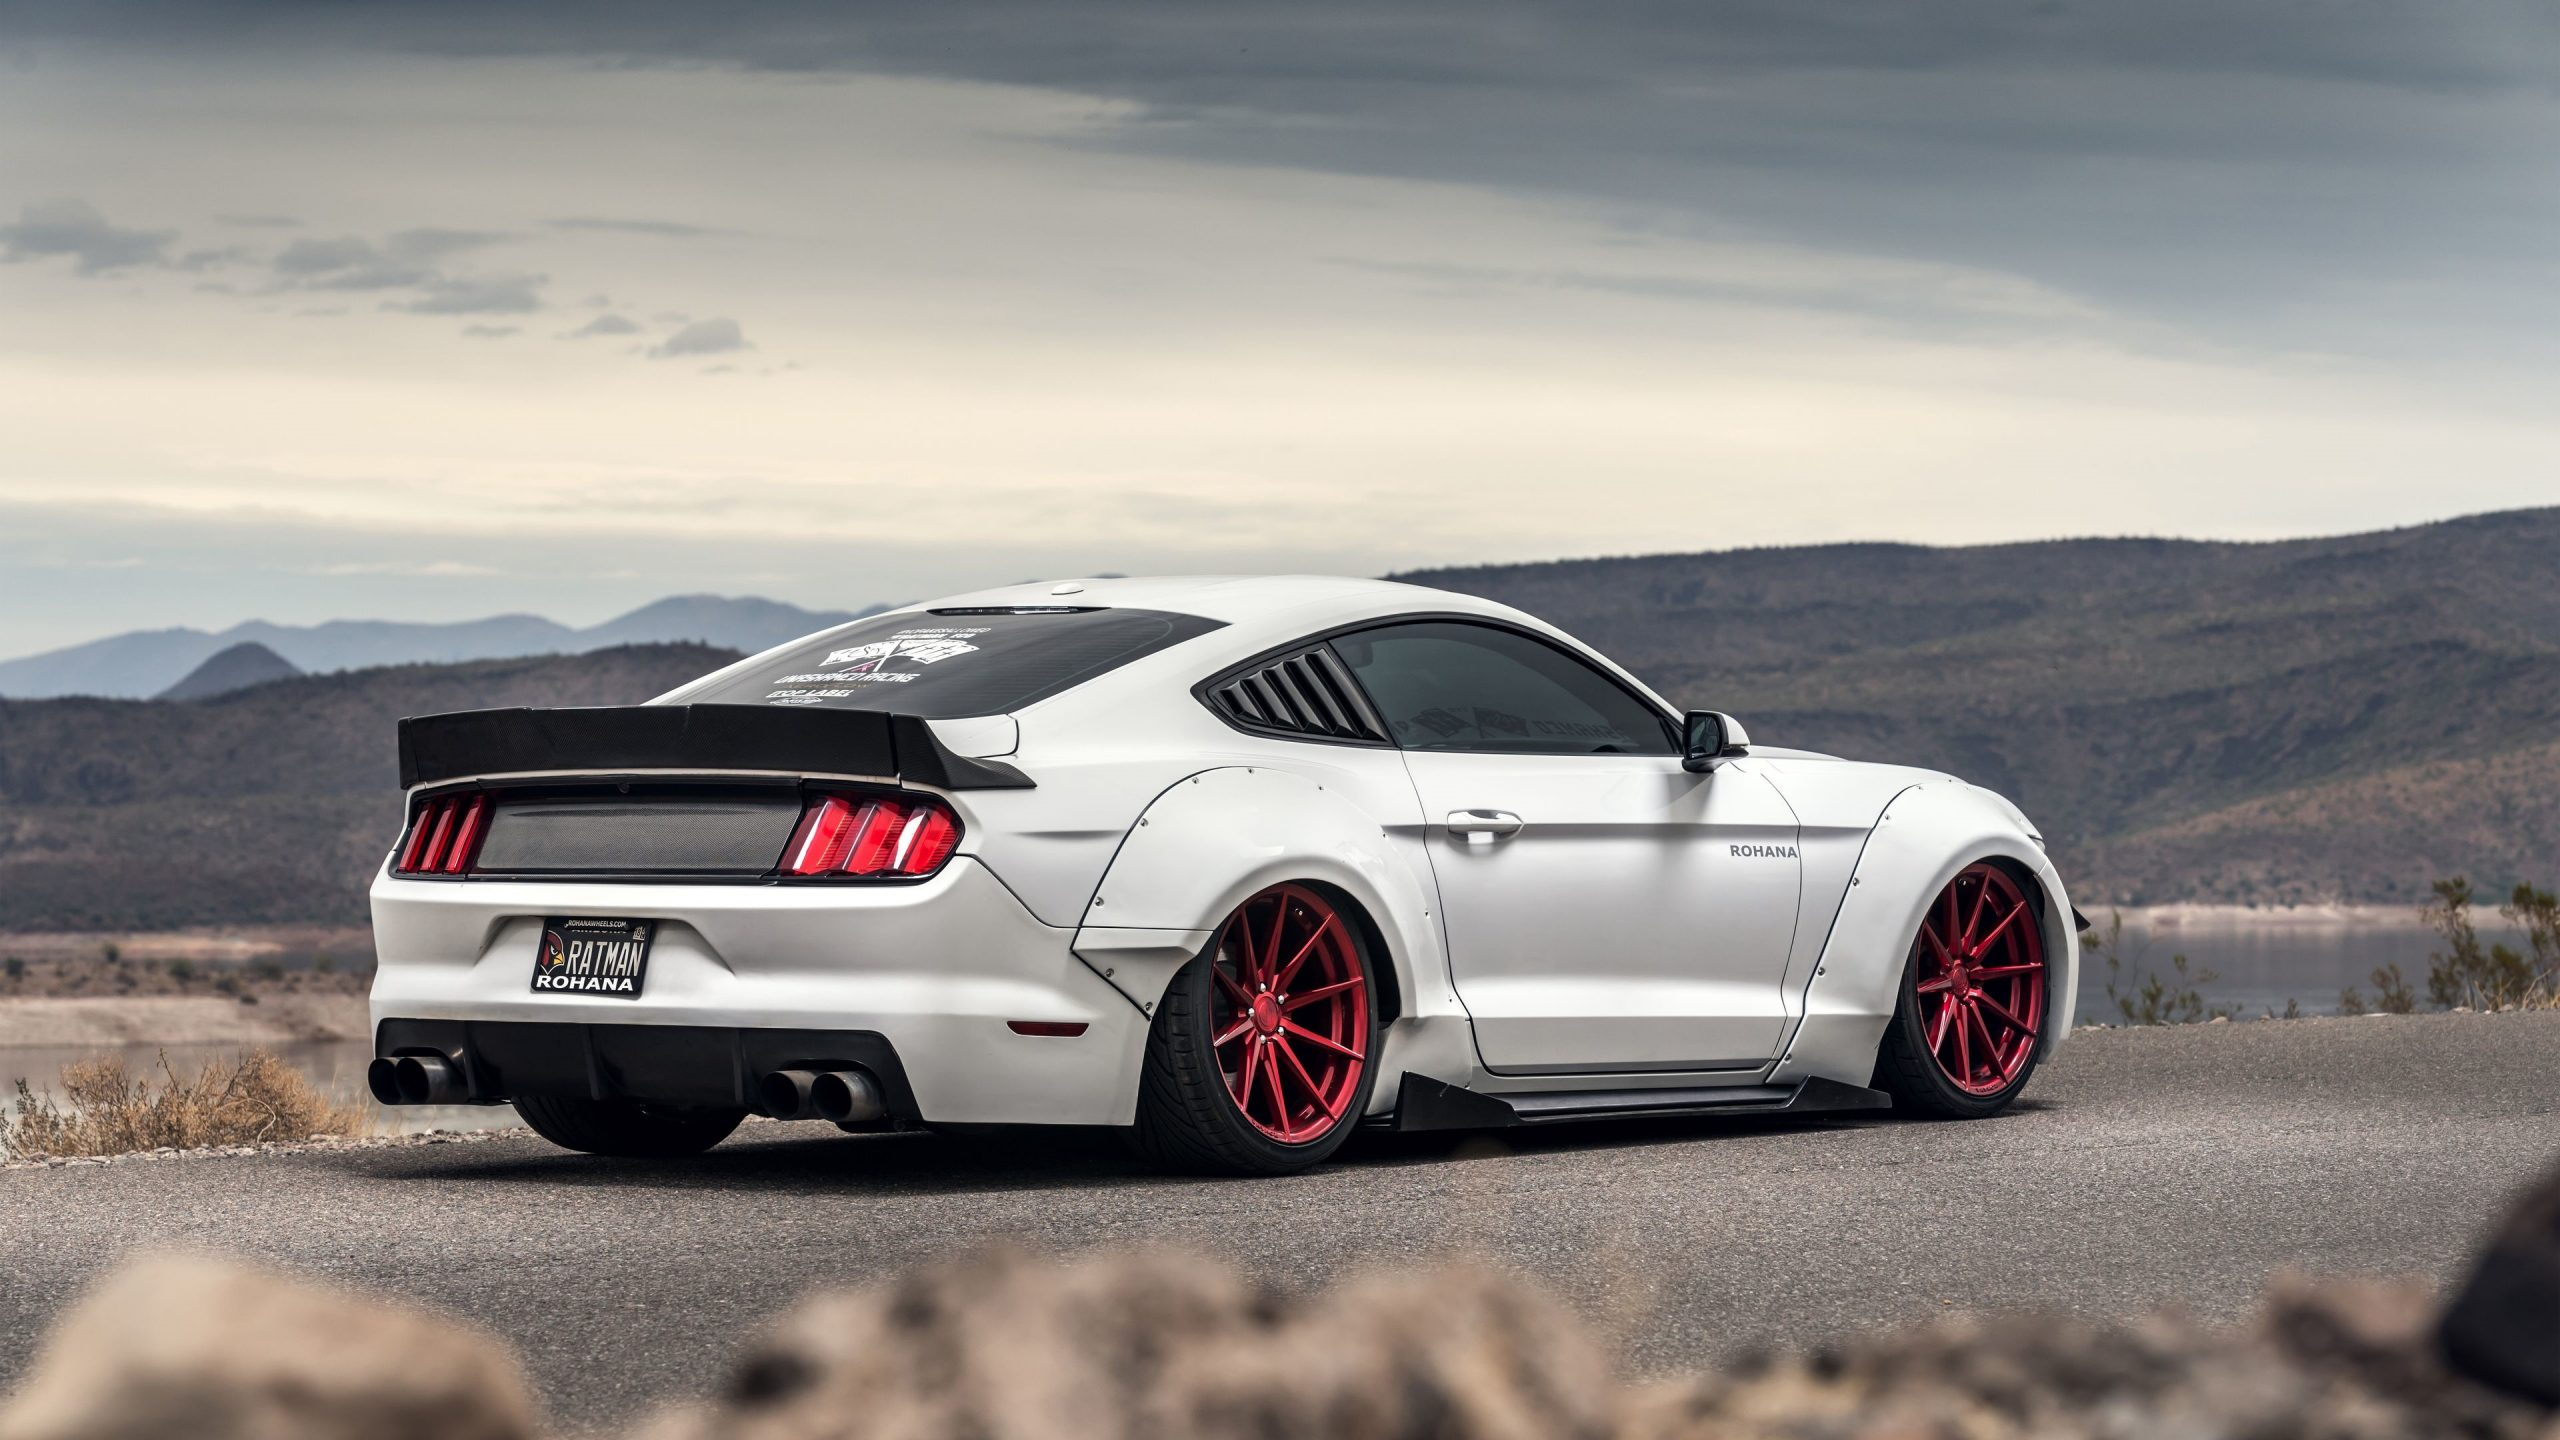 White Fort Mustang GT Wallpaper 4K